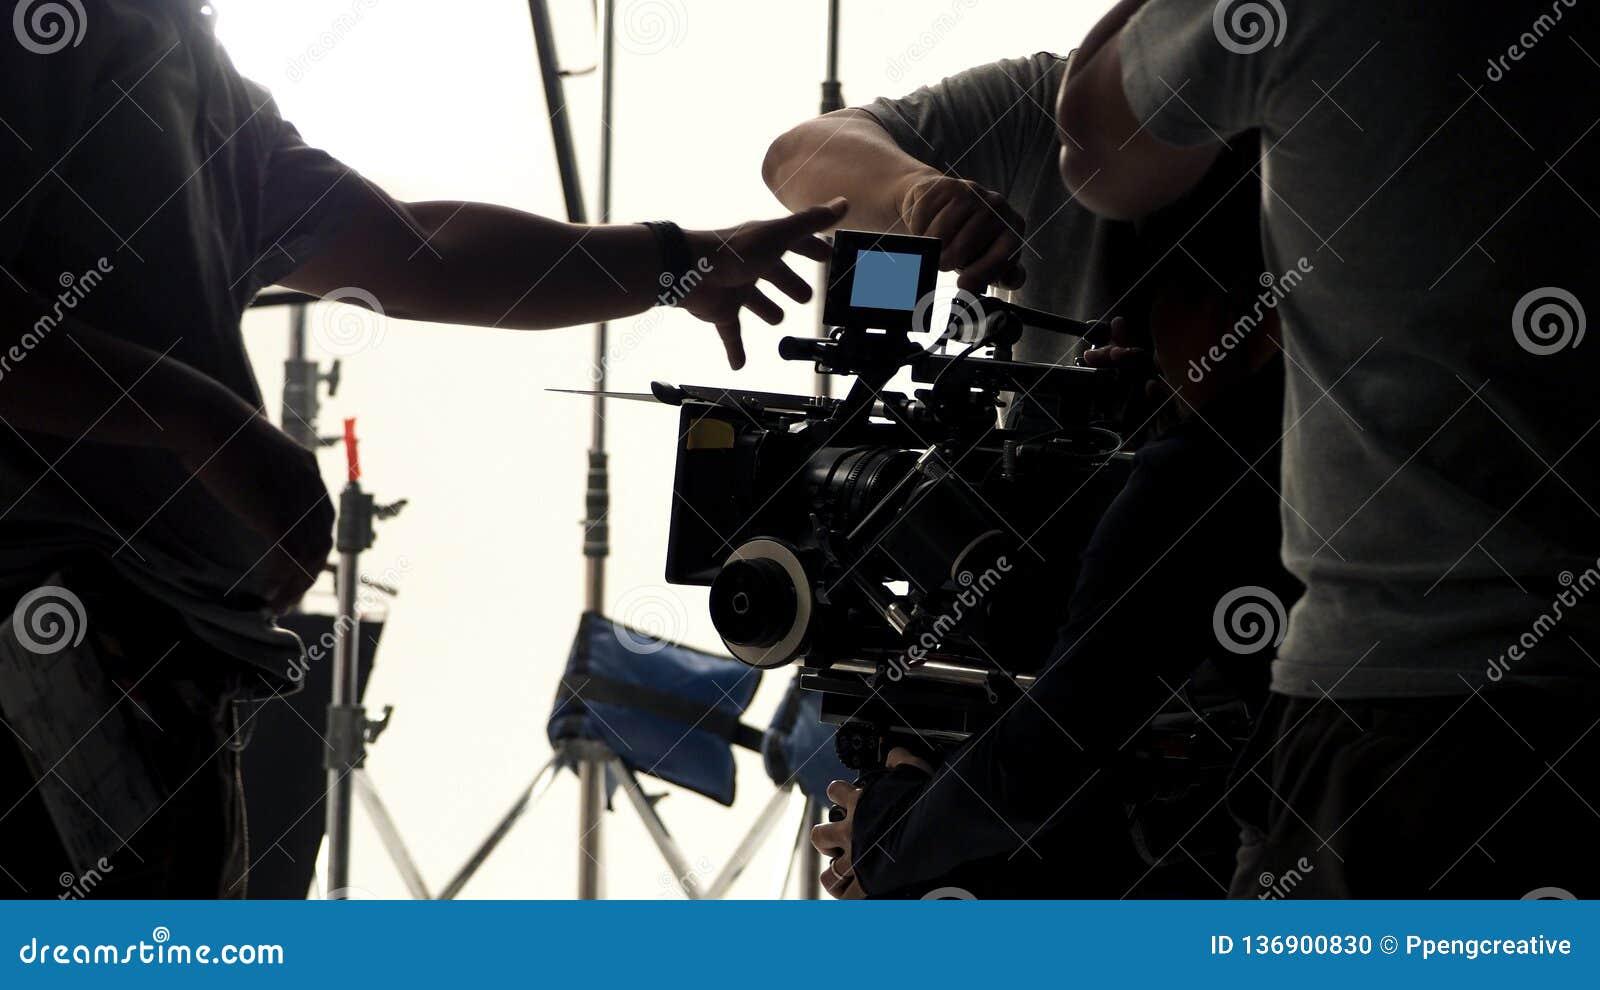 Atrás da câmara de vídeo que gravando o anúncio publicitário em linha